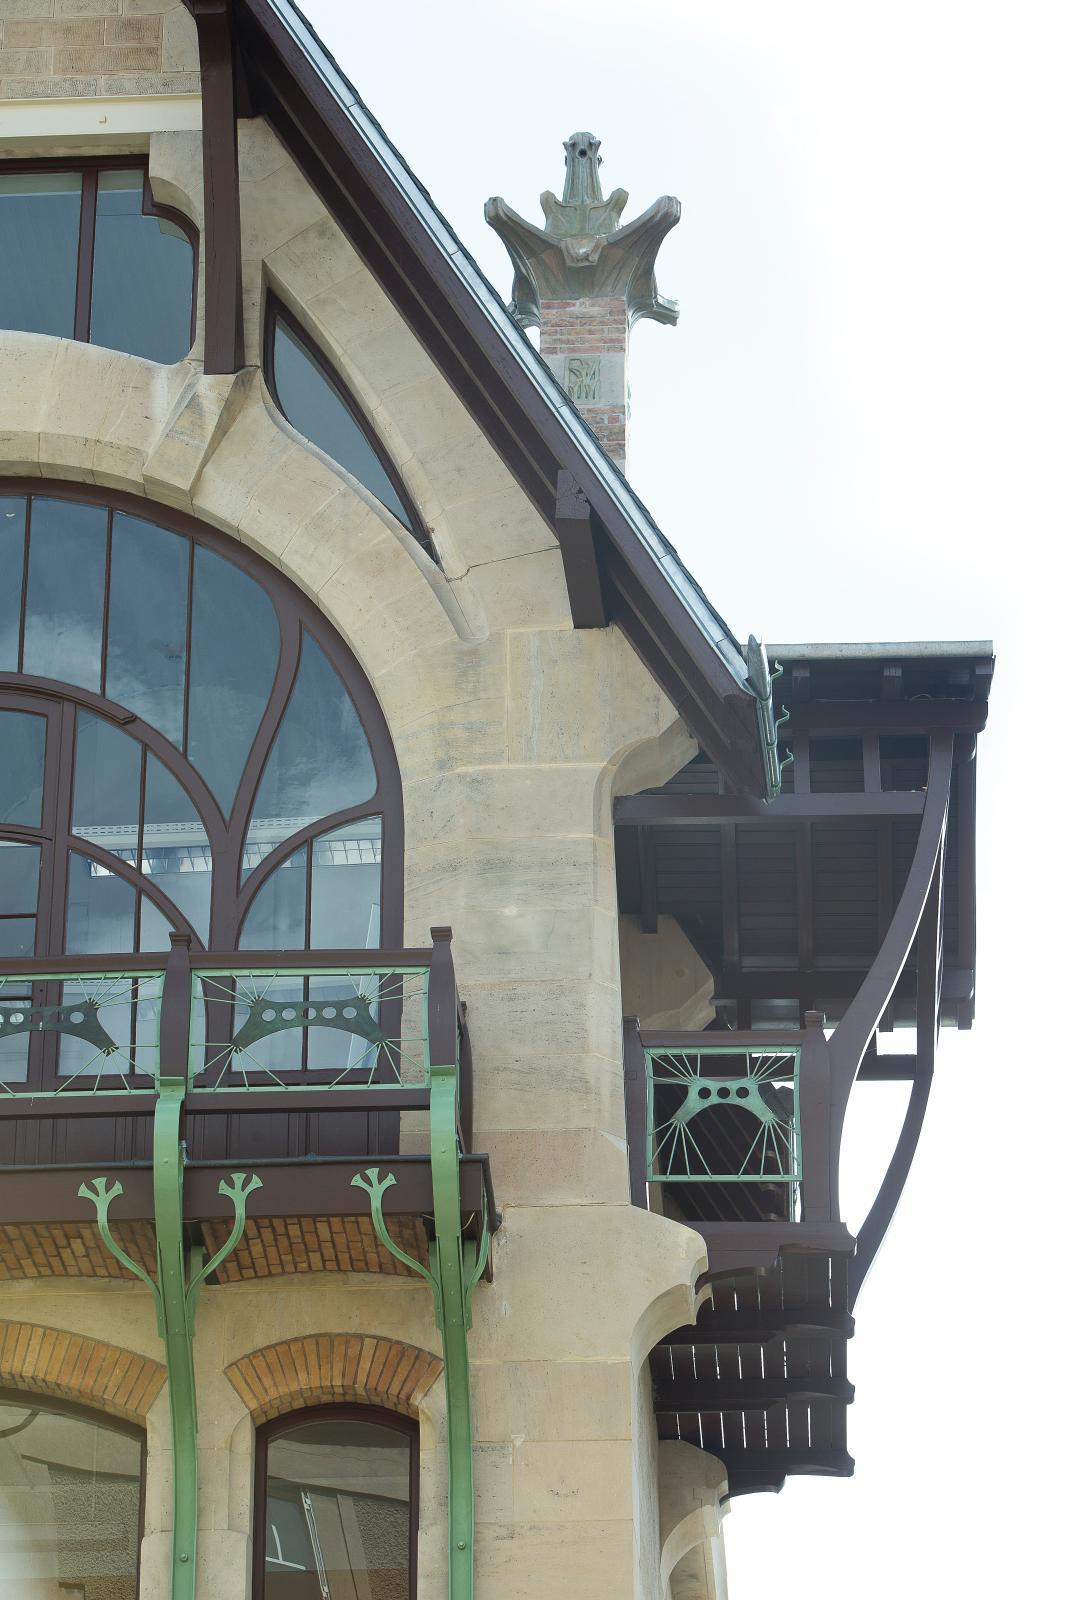 Les fenêtres et balcons de l'atelier.